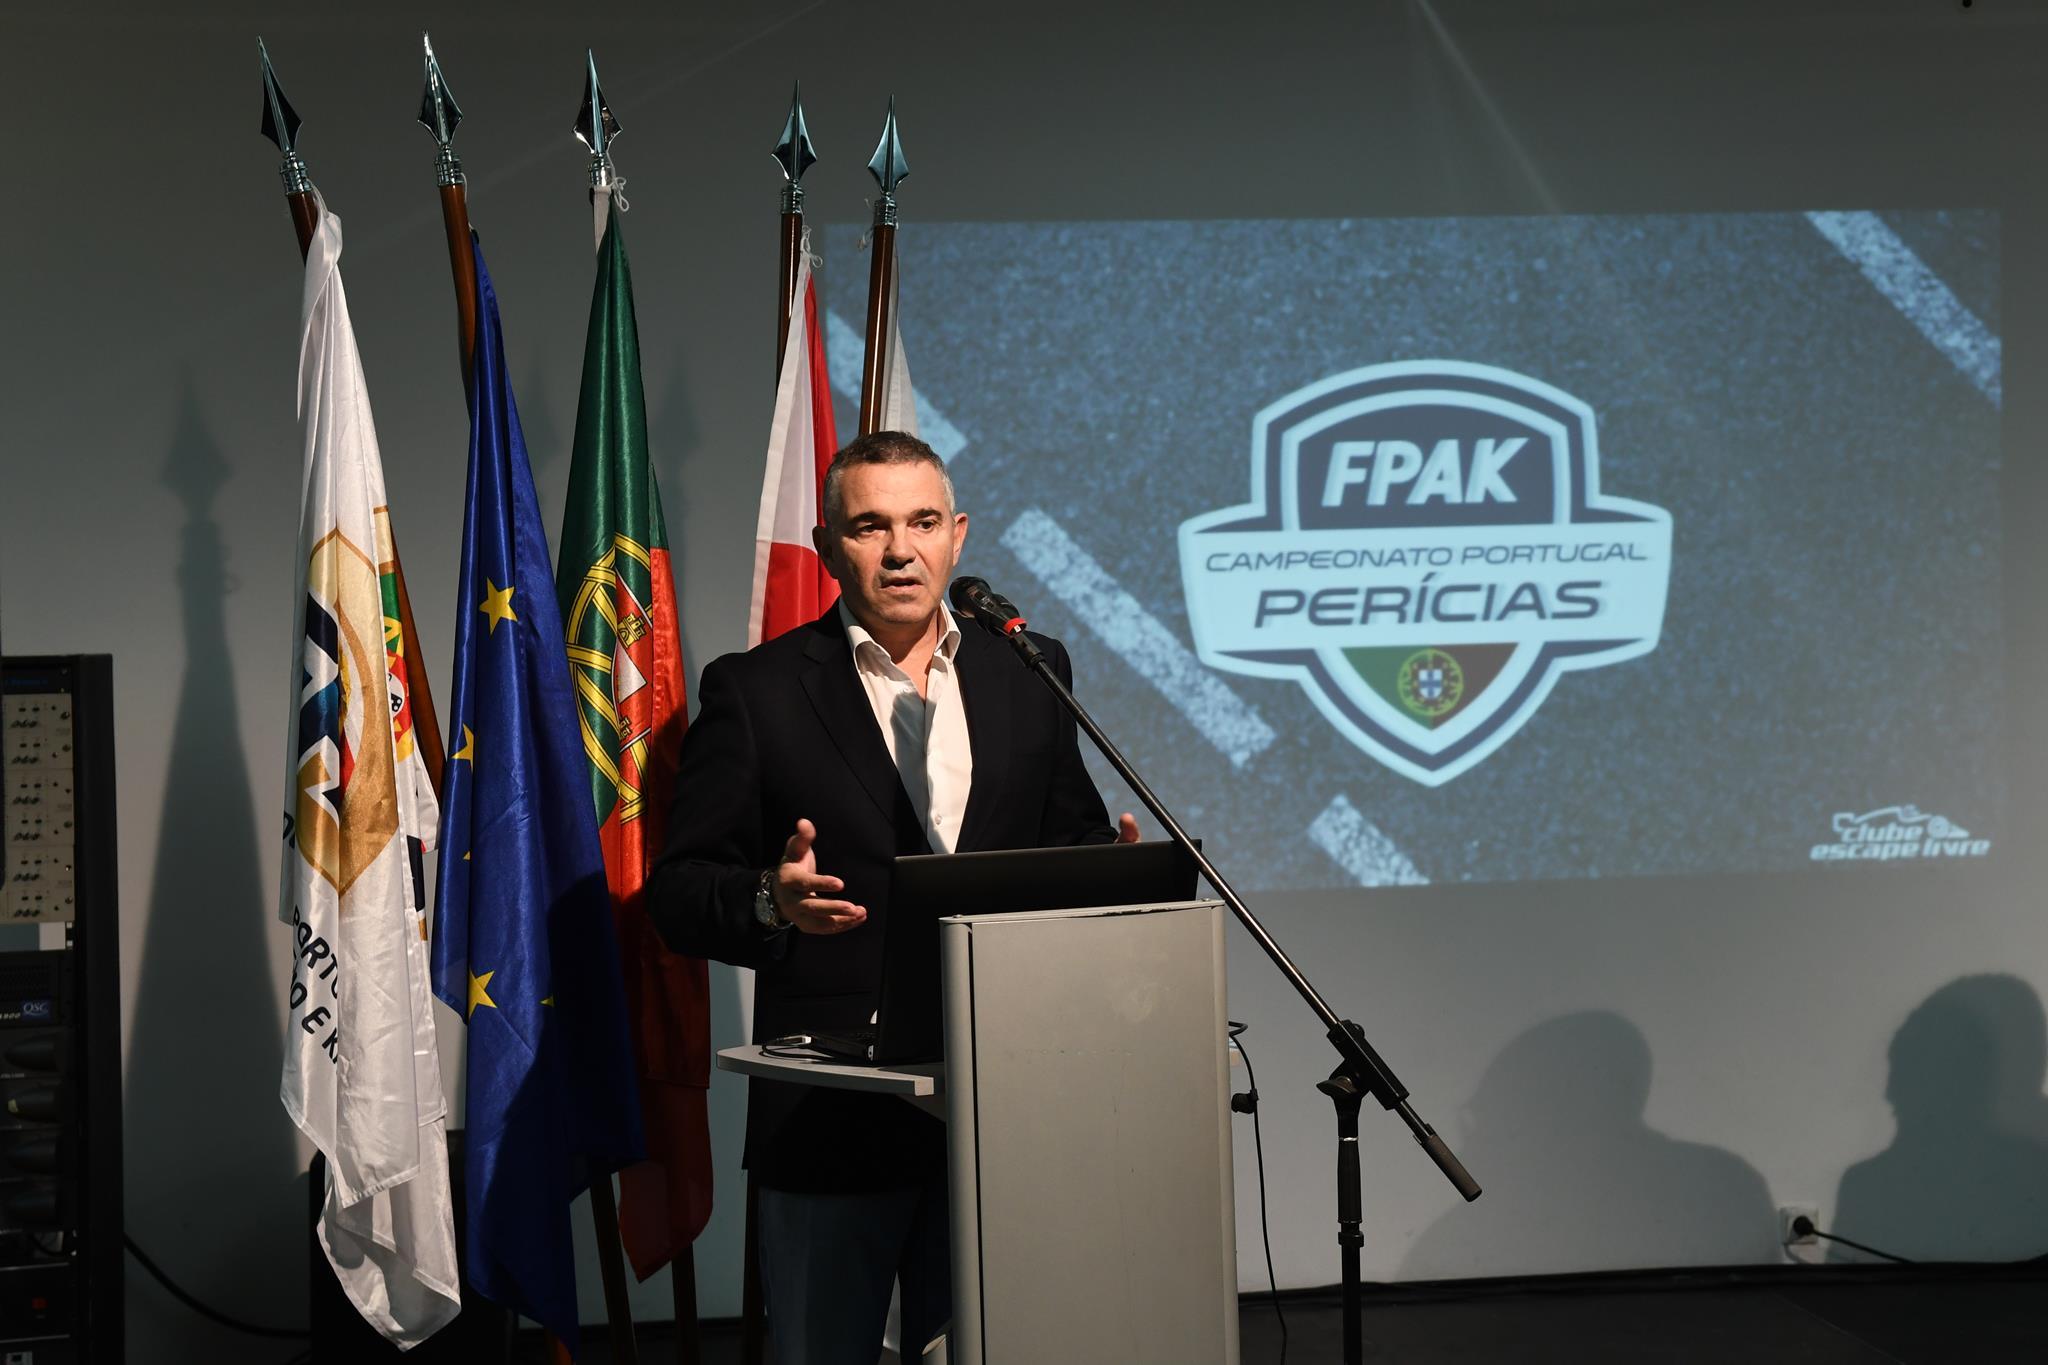 Apresentação do Campeonato de Portugal de Perícias 2019